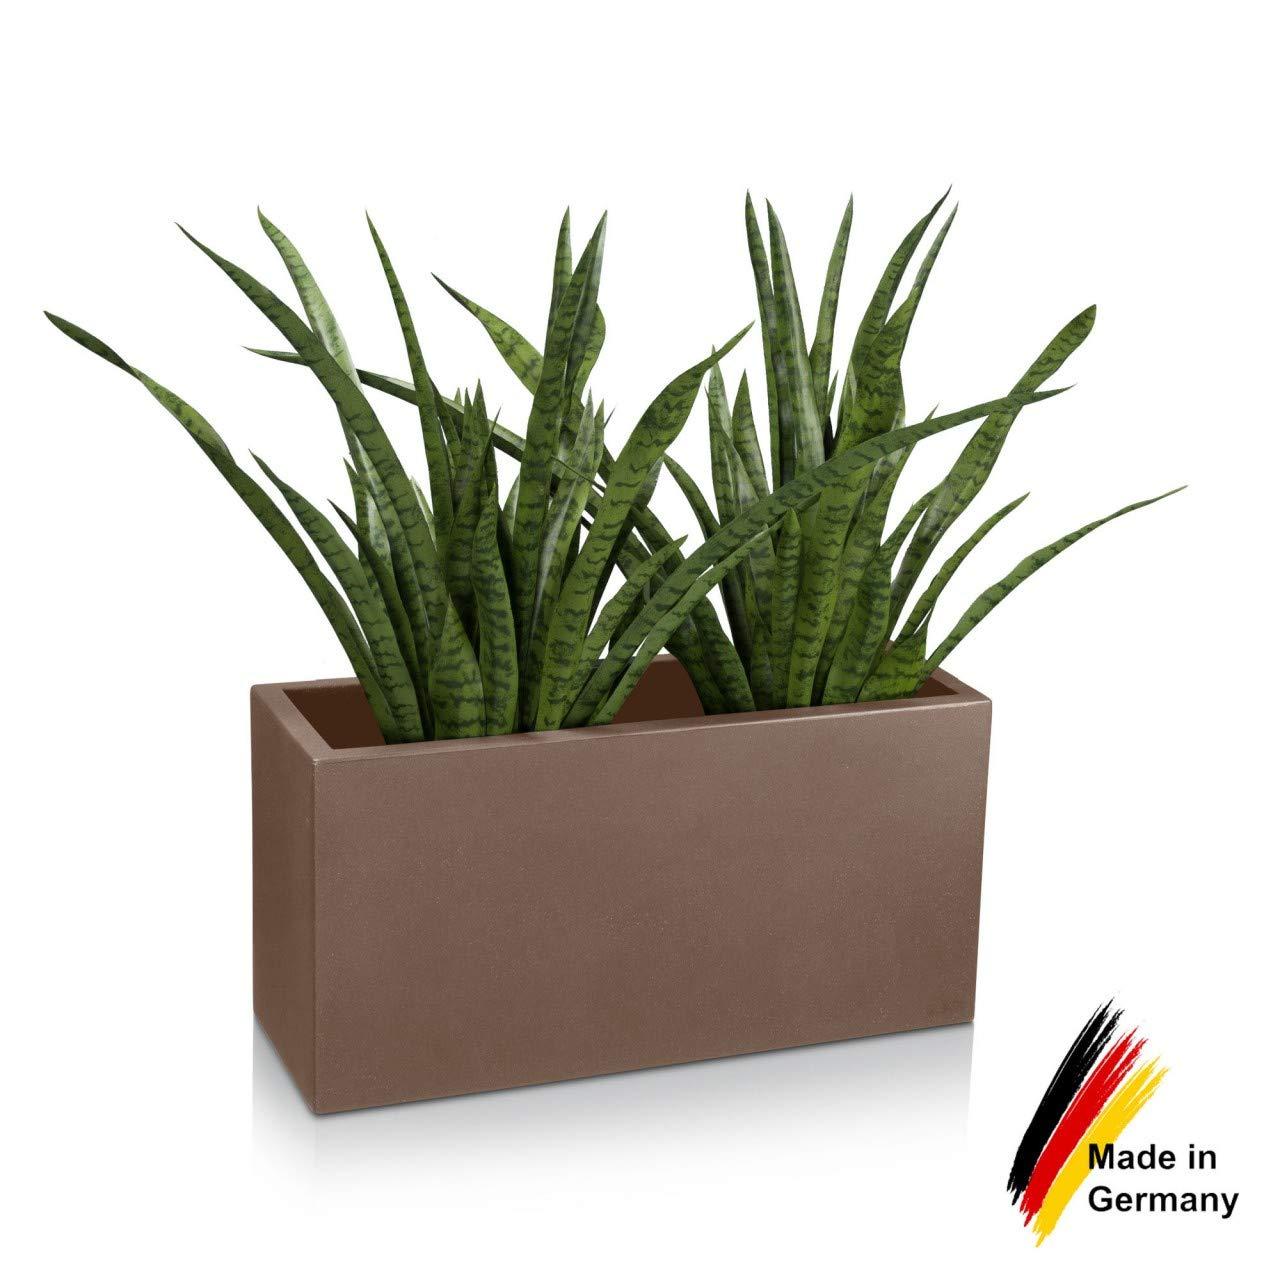 Fioriera VISIO 40 in resina, vaso da fiori - 80x30x40 cm - colore  cappuccino